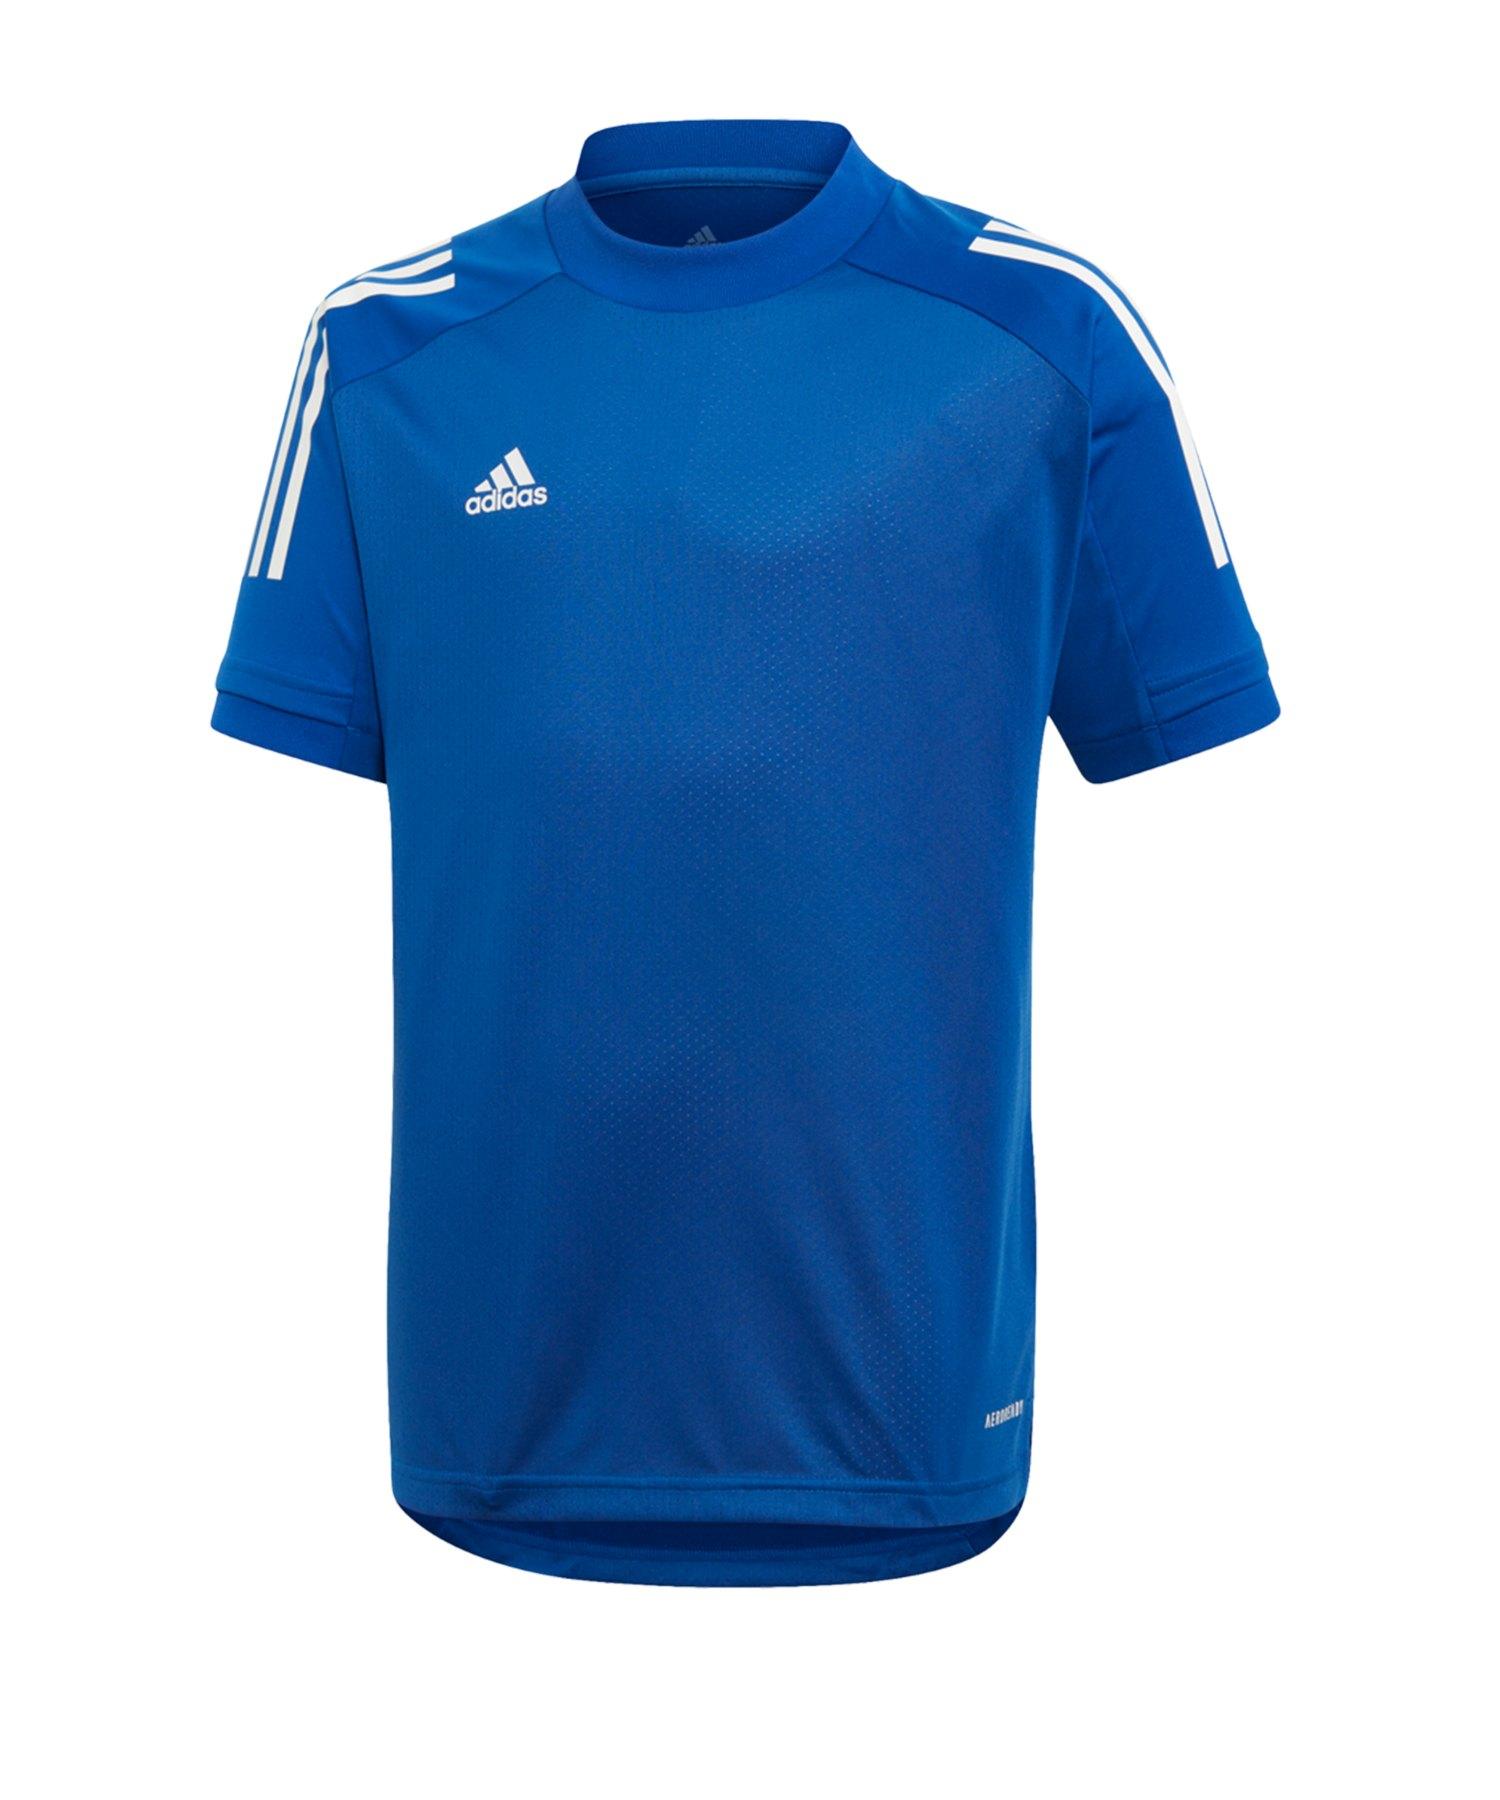 adidas Condivo 20 TR Shirt kurzarm Kids Blau - blau